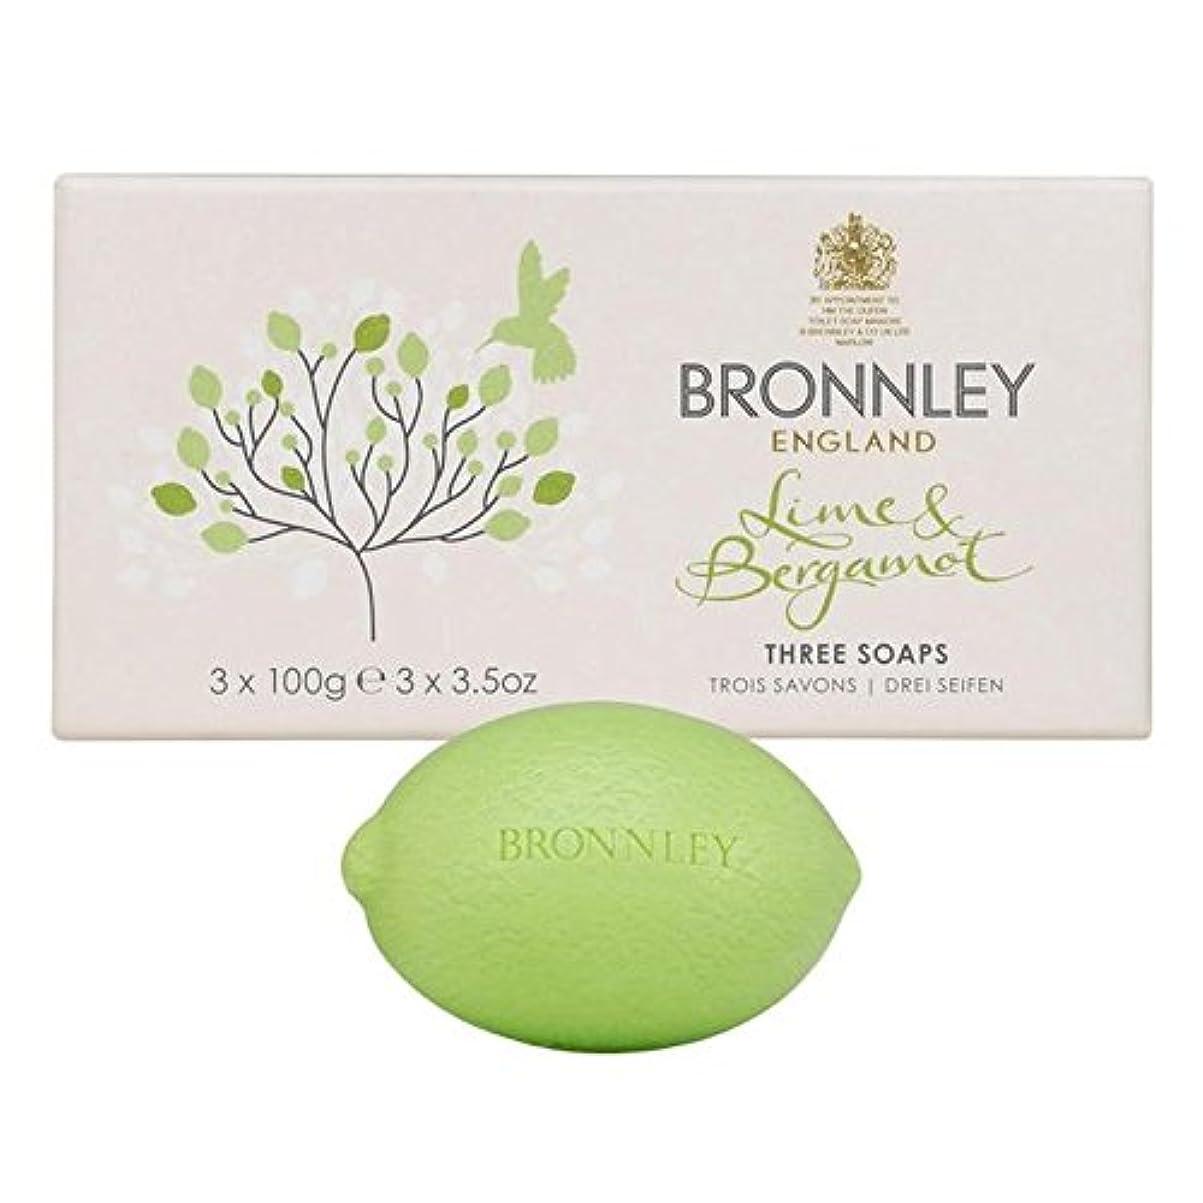 帆傀儡サイレンBronnley Lime & Bergamot Soap 3 x 100g - ライム&ベルガモット石鹸3×100グラム [並行輸入品]